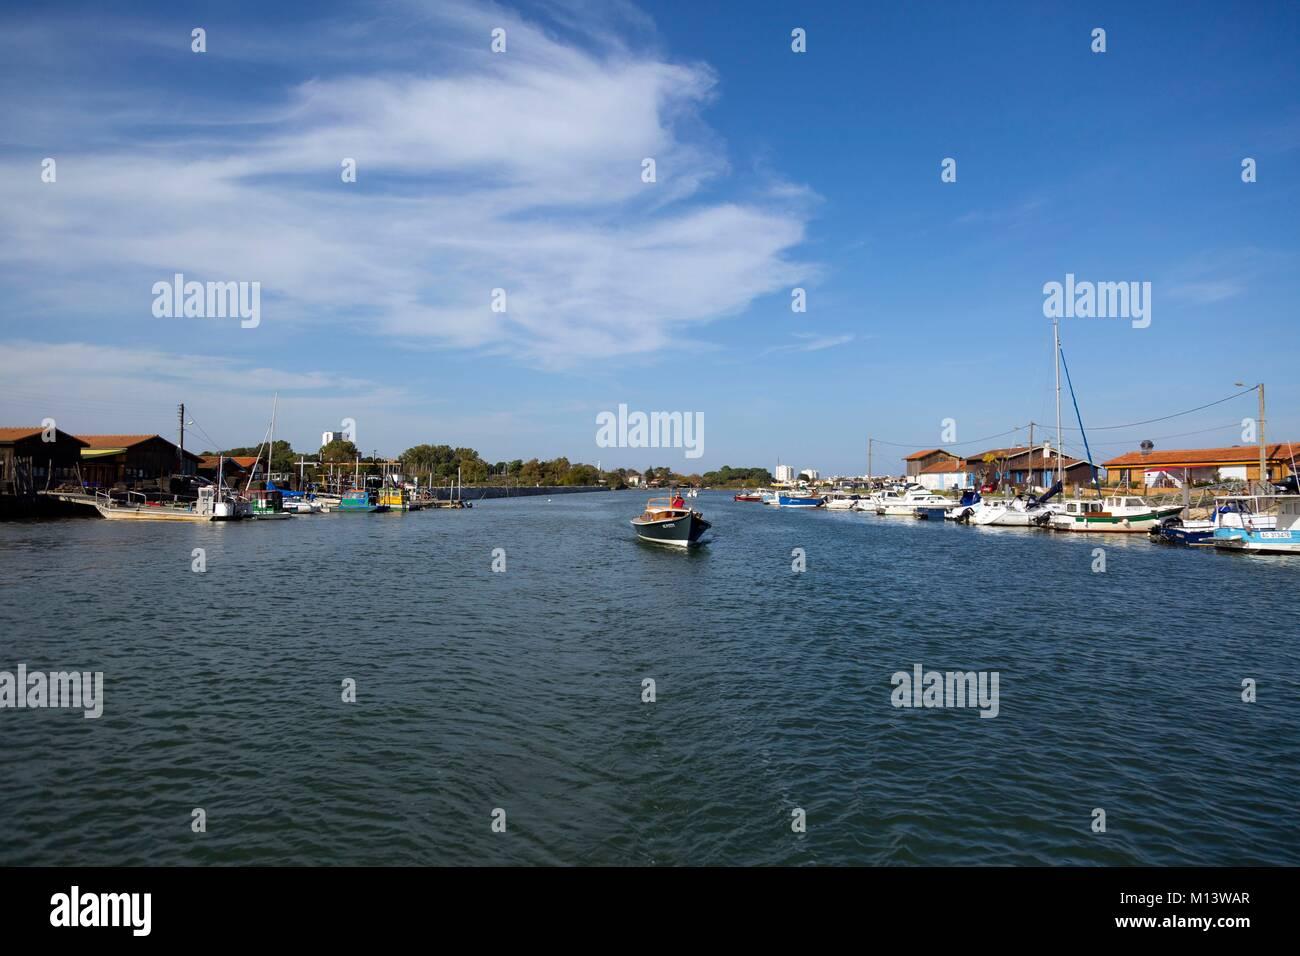 Francia, Gironde, Bassin d'Arcachon La Teste de Buch, porta oyster Immagini Stock